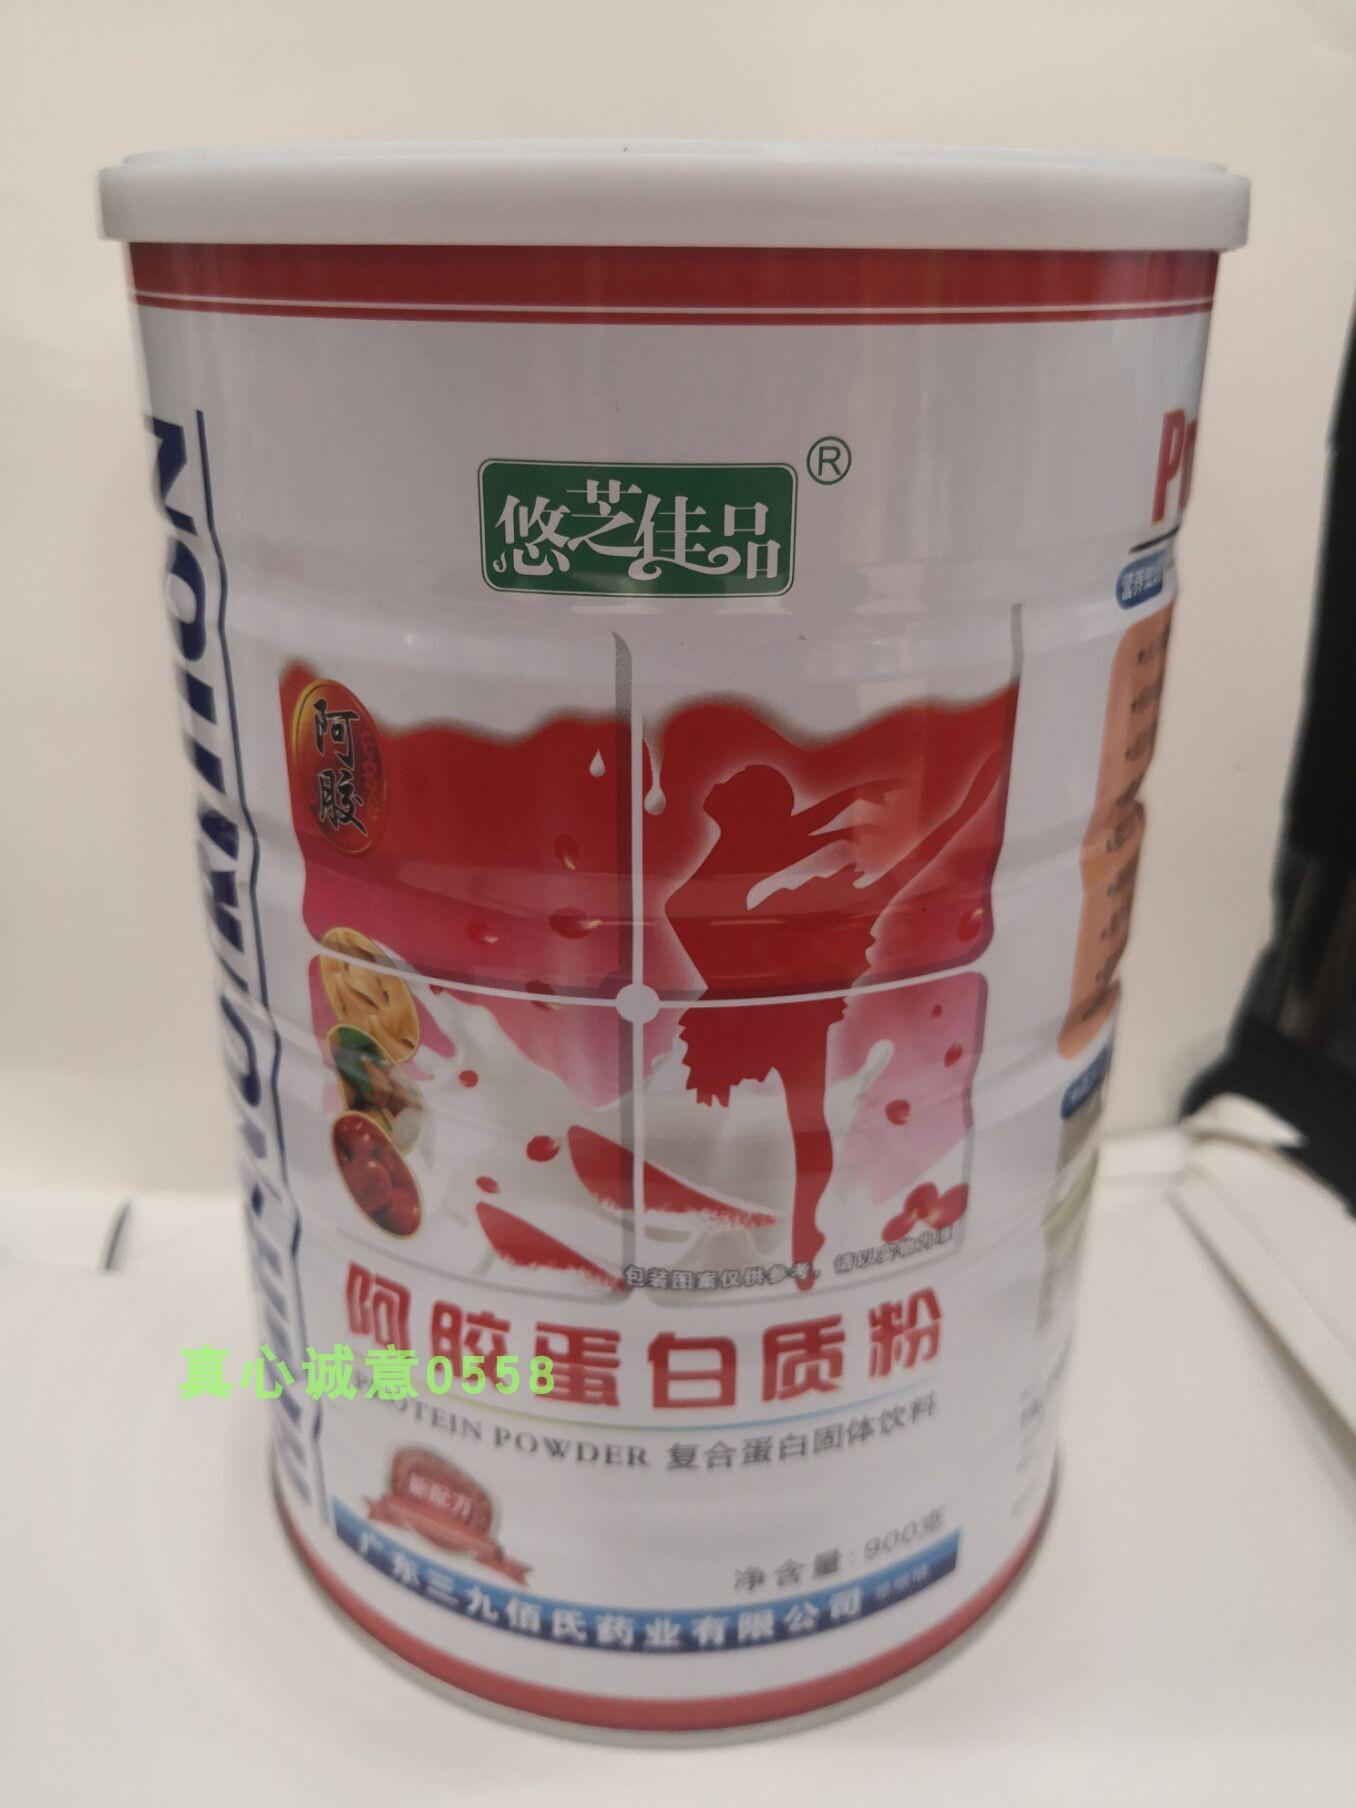 三九佰氏悠芝佳品 阿胶蛋白质粉蛋白粉补钙多种营养900g包邮